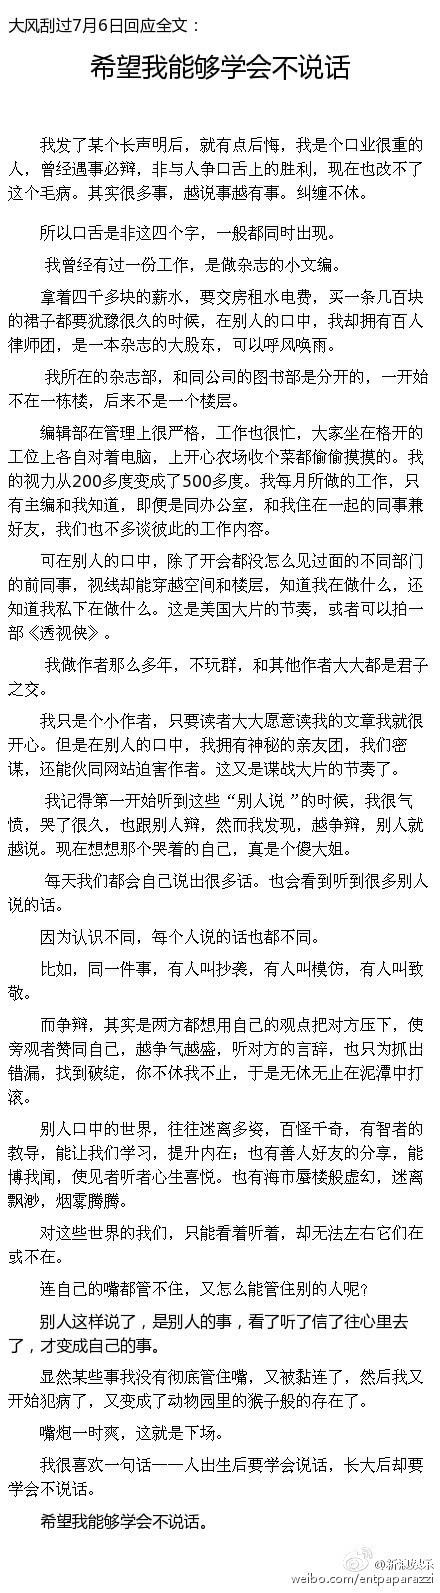 据爆料,唐七的《三生三世十里桃花》于2008年开始连载,在风格以及